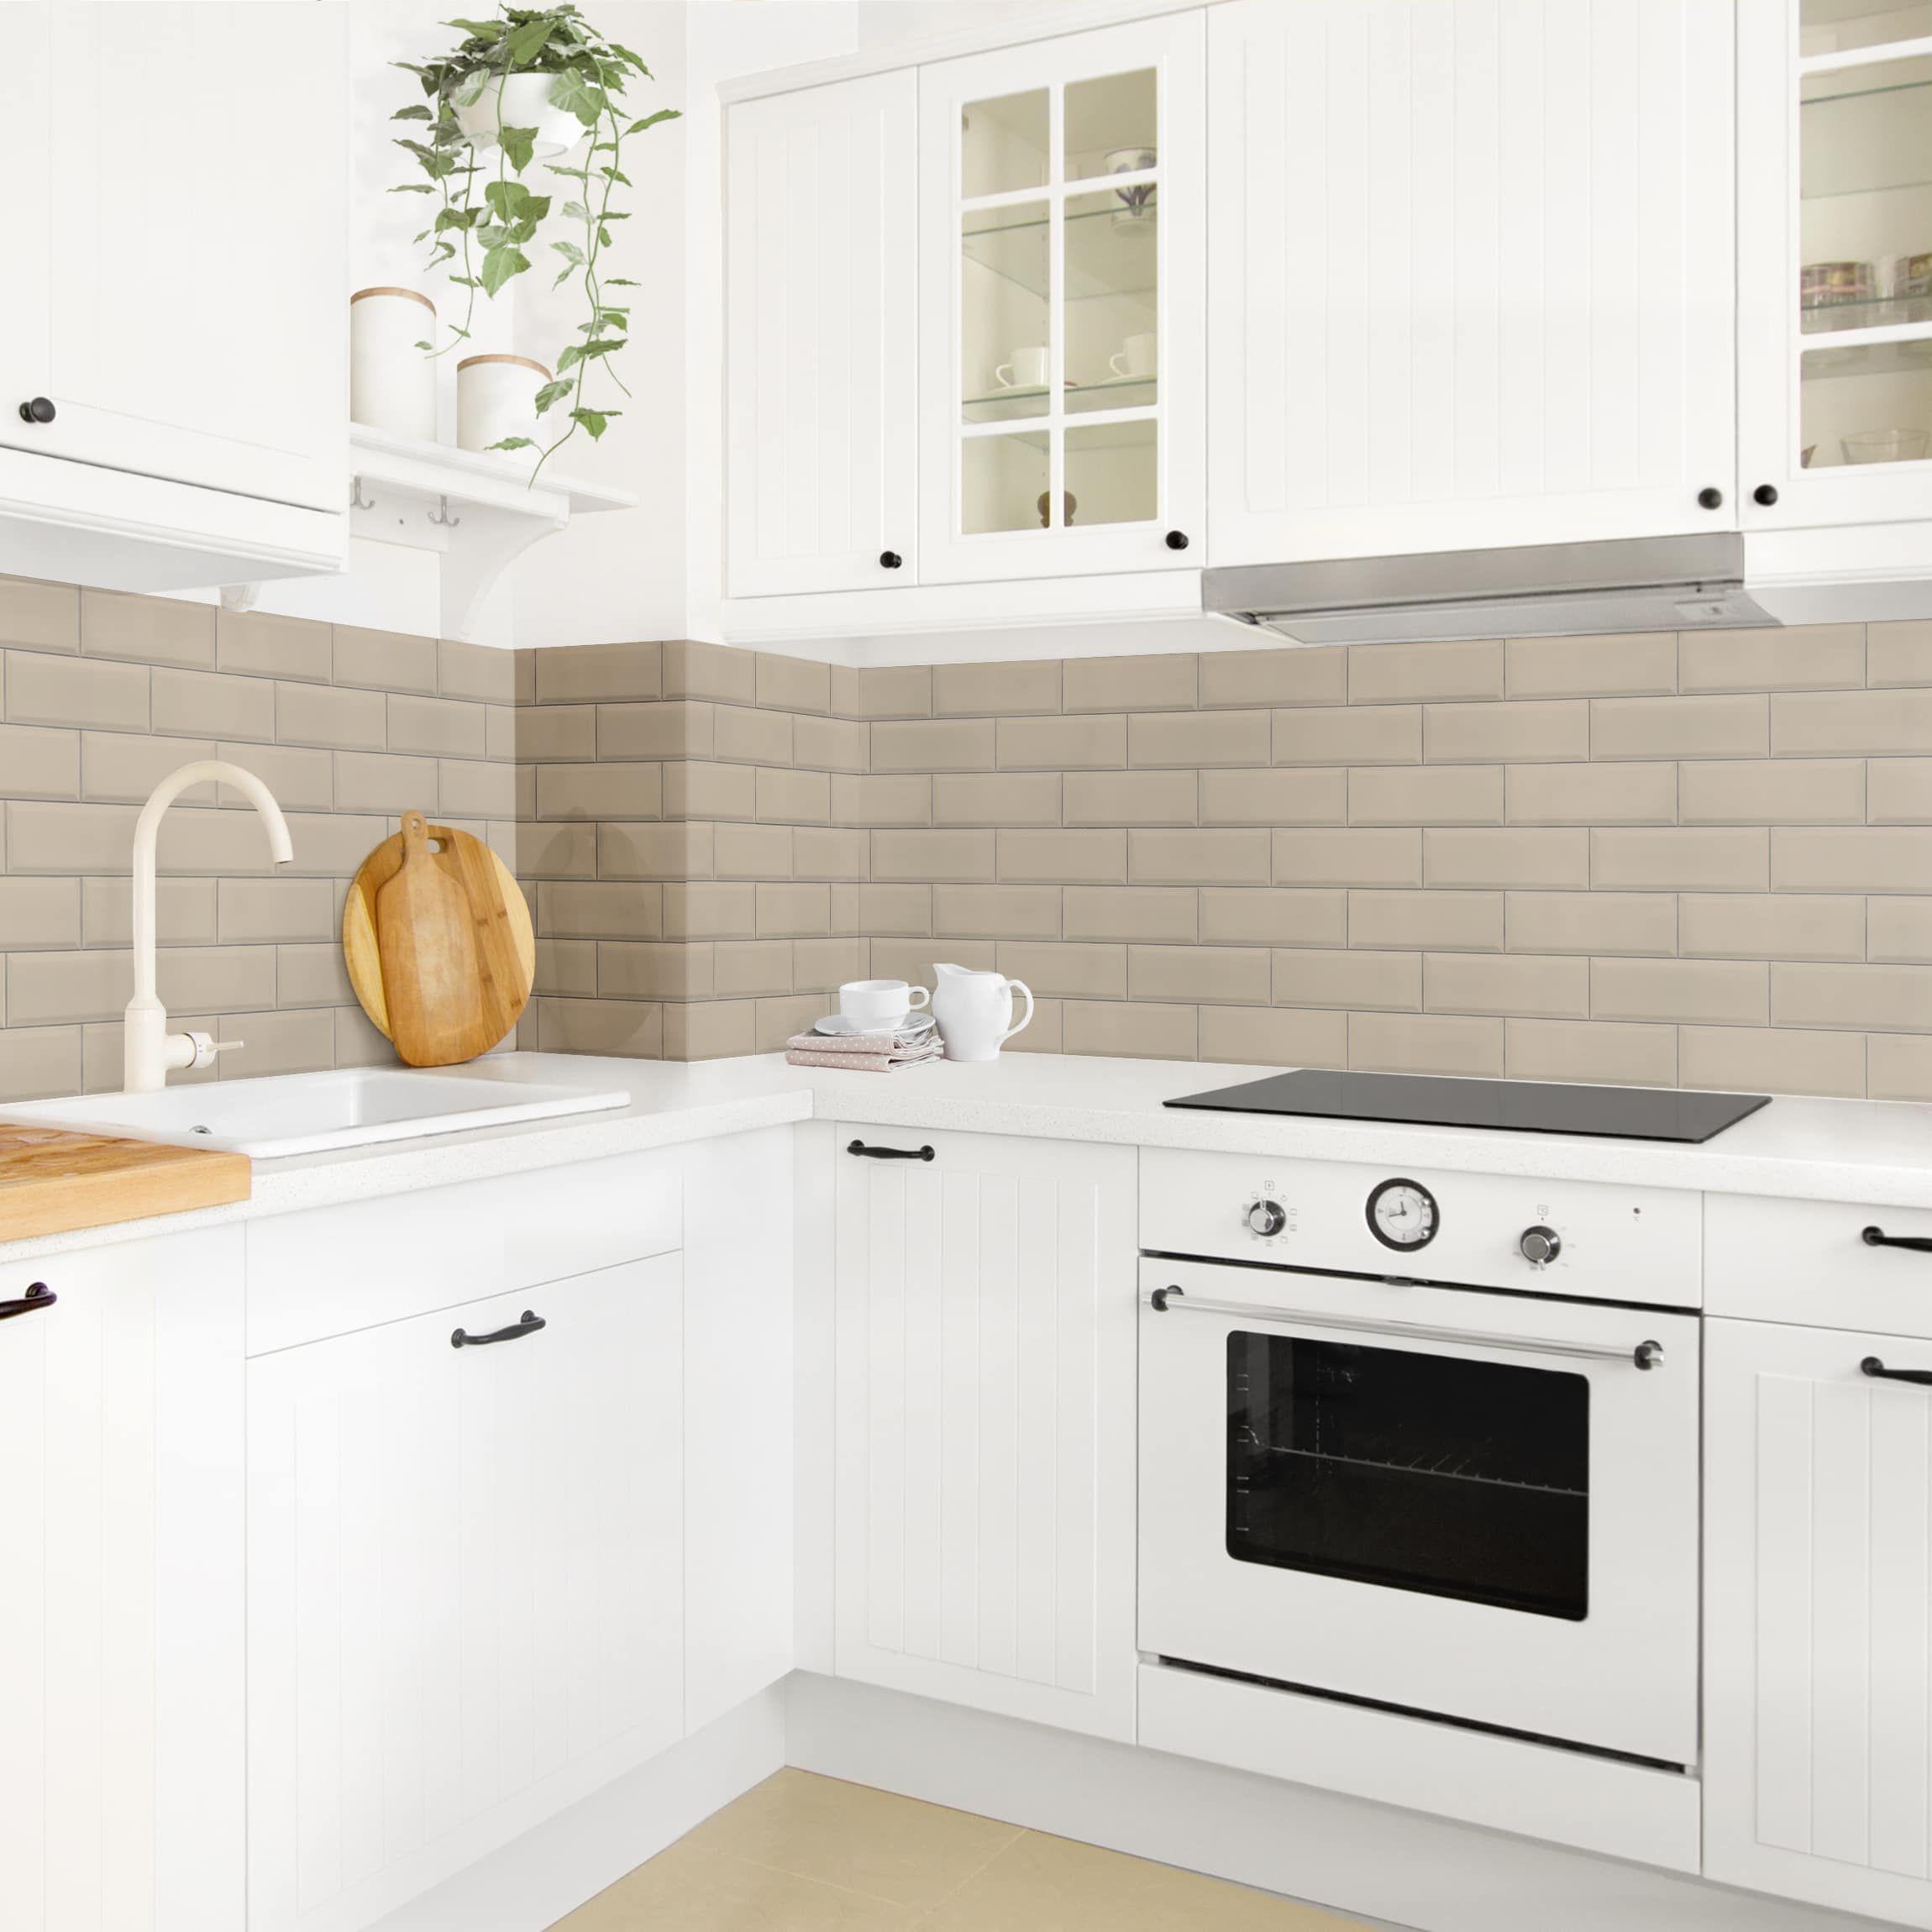 Coprire Piastrelle Cucina Con Pannelli rivestimento cucina - mattonelle in ceramica taupe (con